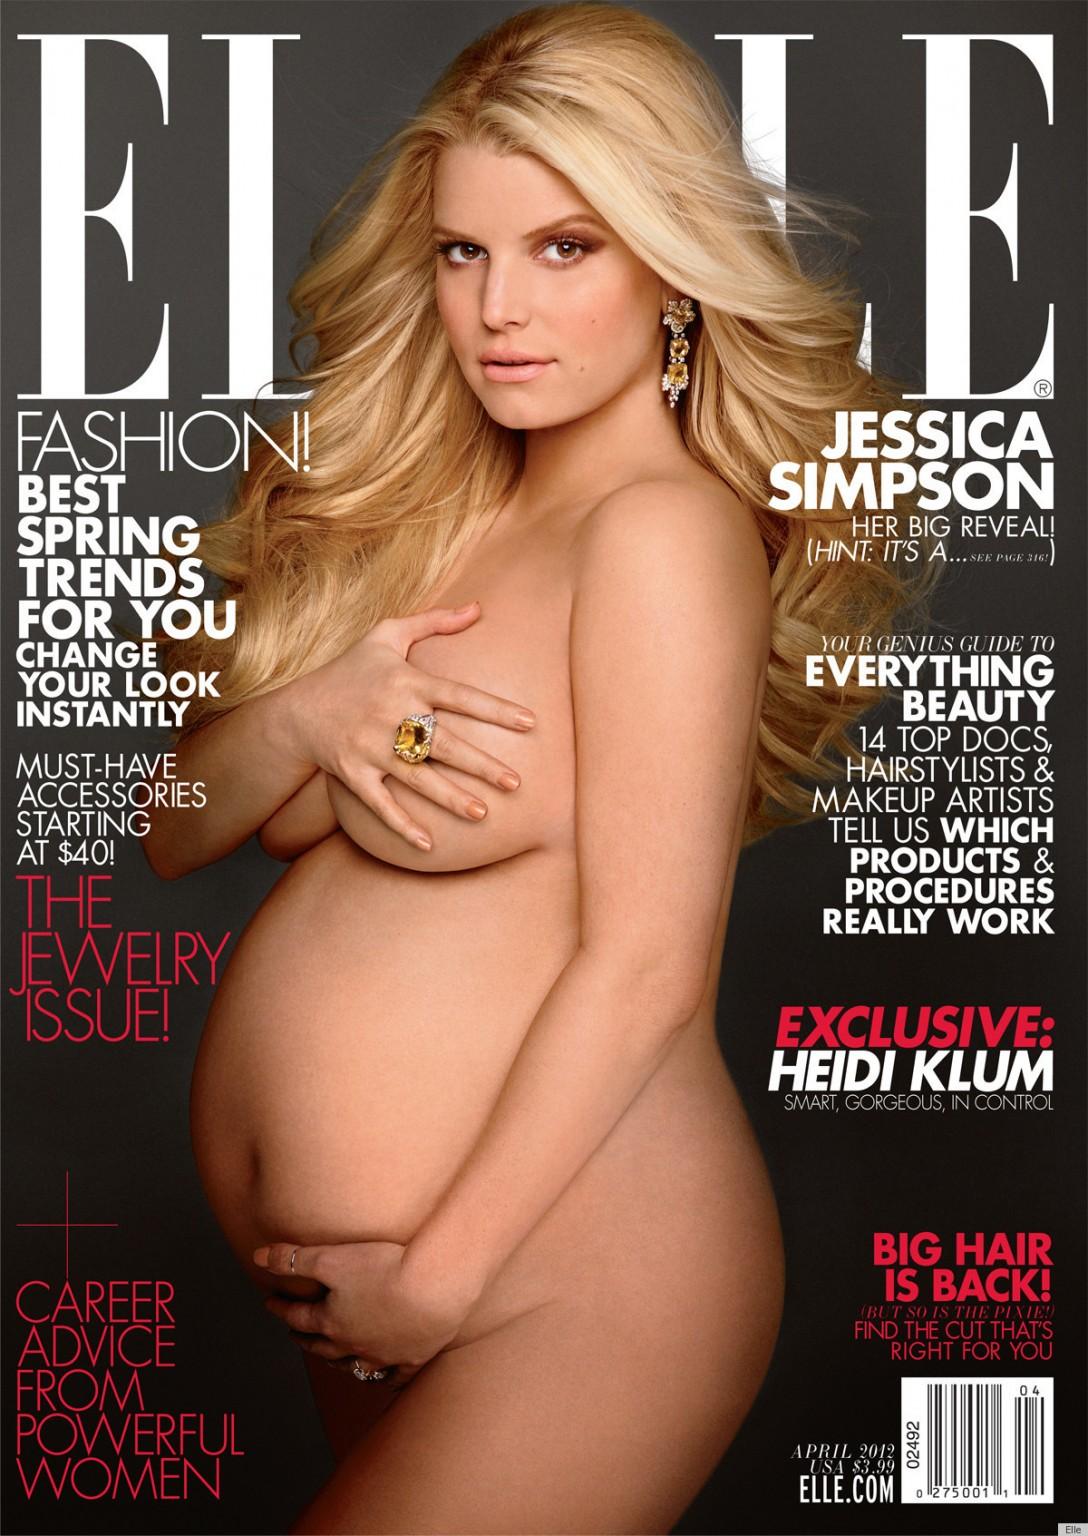 http://3.bp.blogspot.com/-iXsbaPtjJlQ/T1kaDACYKkI/AAAAAAAACC4/u-ZxJ6rVTxU/s1600/jessica_simpson_elle_pregnant.jpg